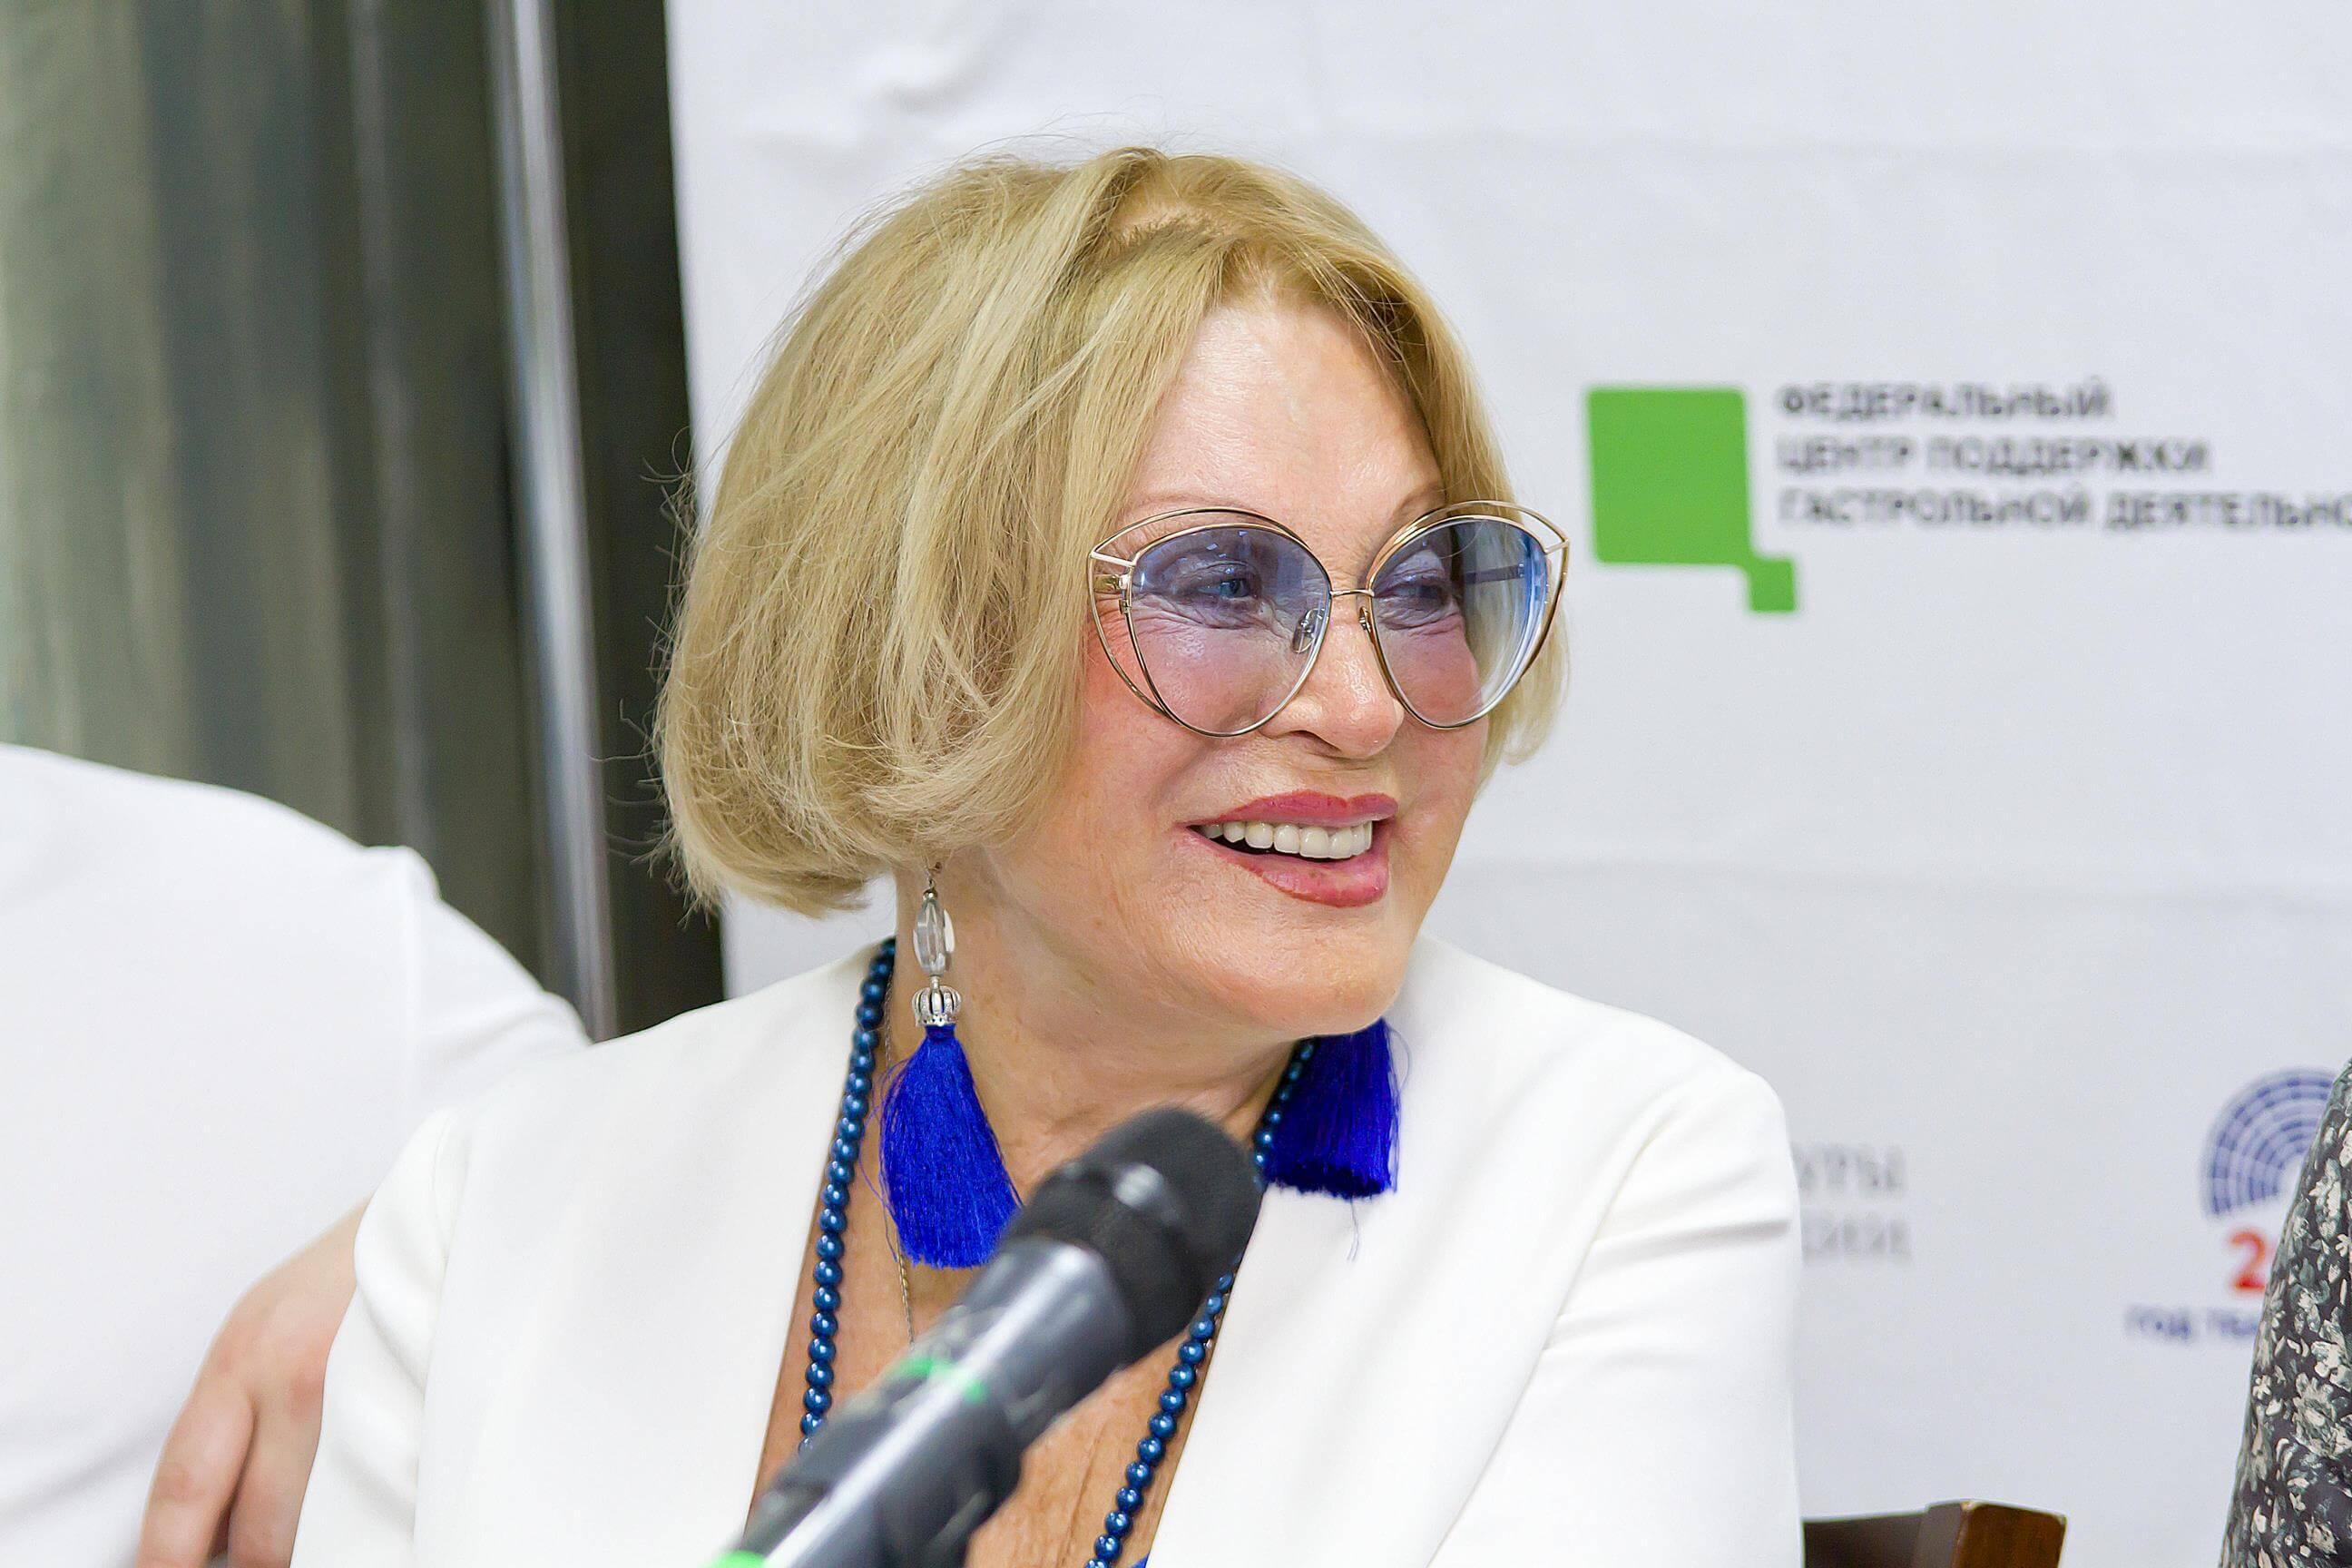 2019.07.08_vakhtangov_theater_4